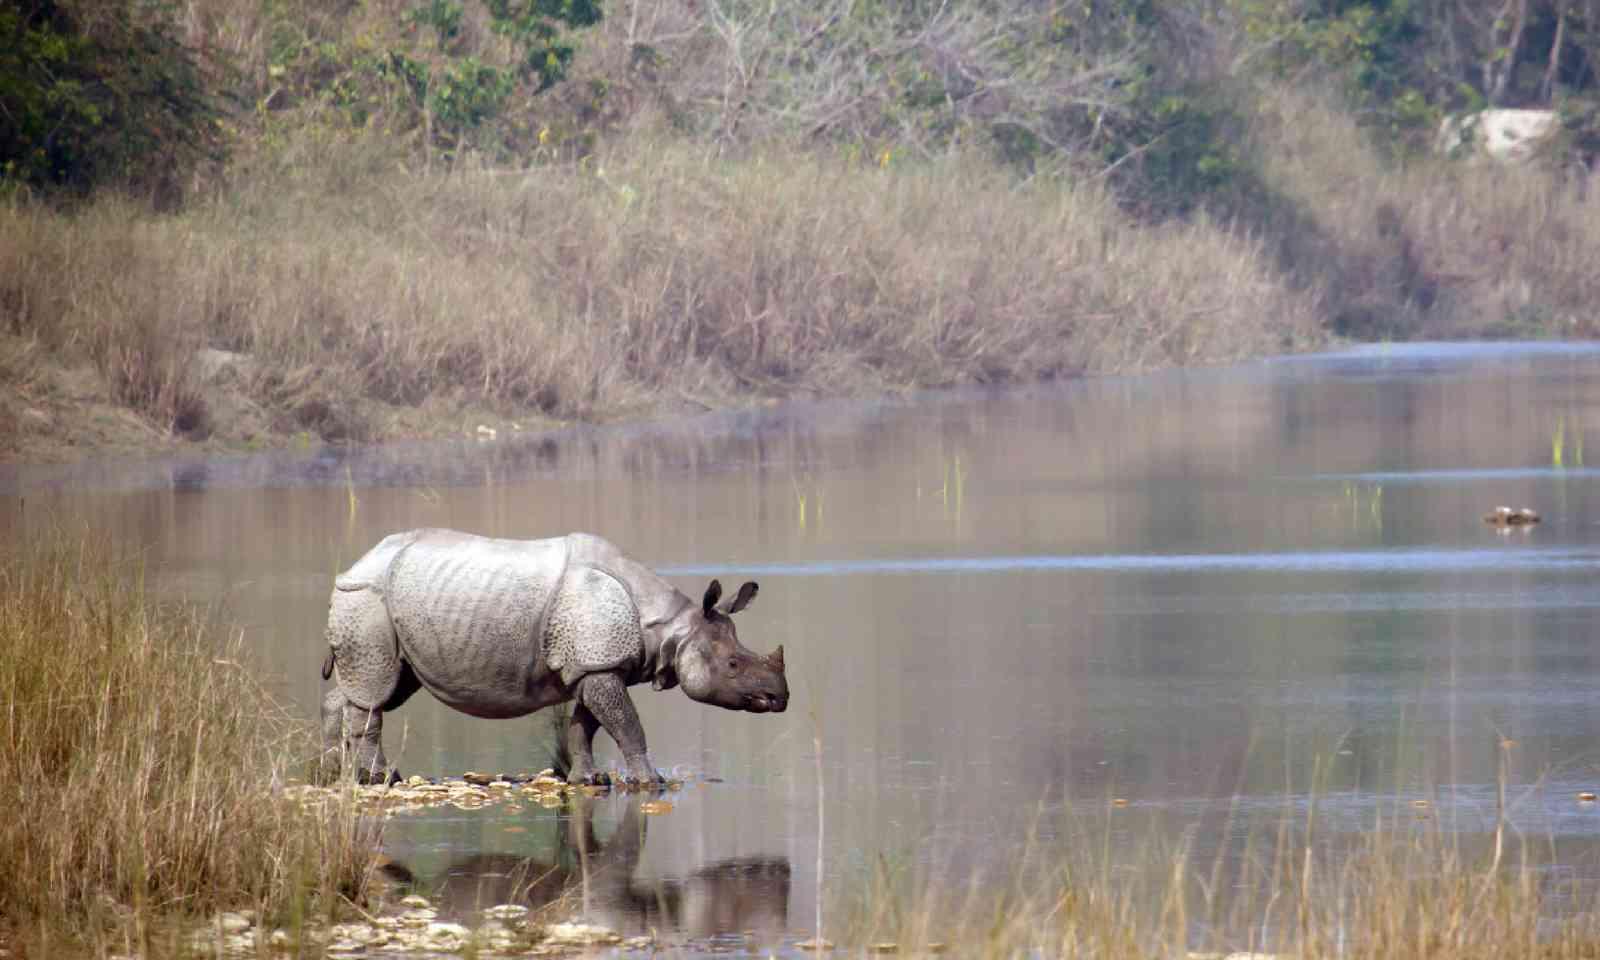 Rhino in Bardia, Nepal (Shutterstock)